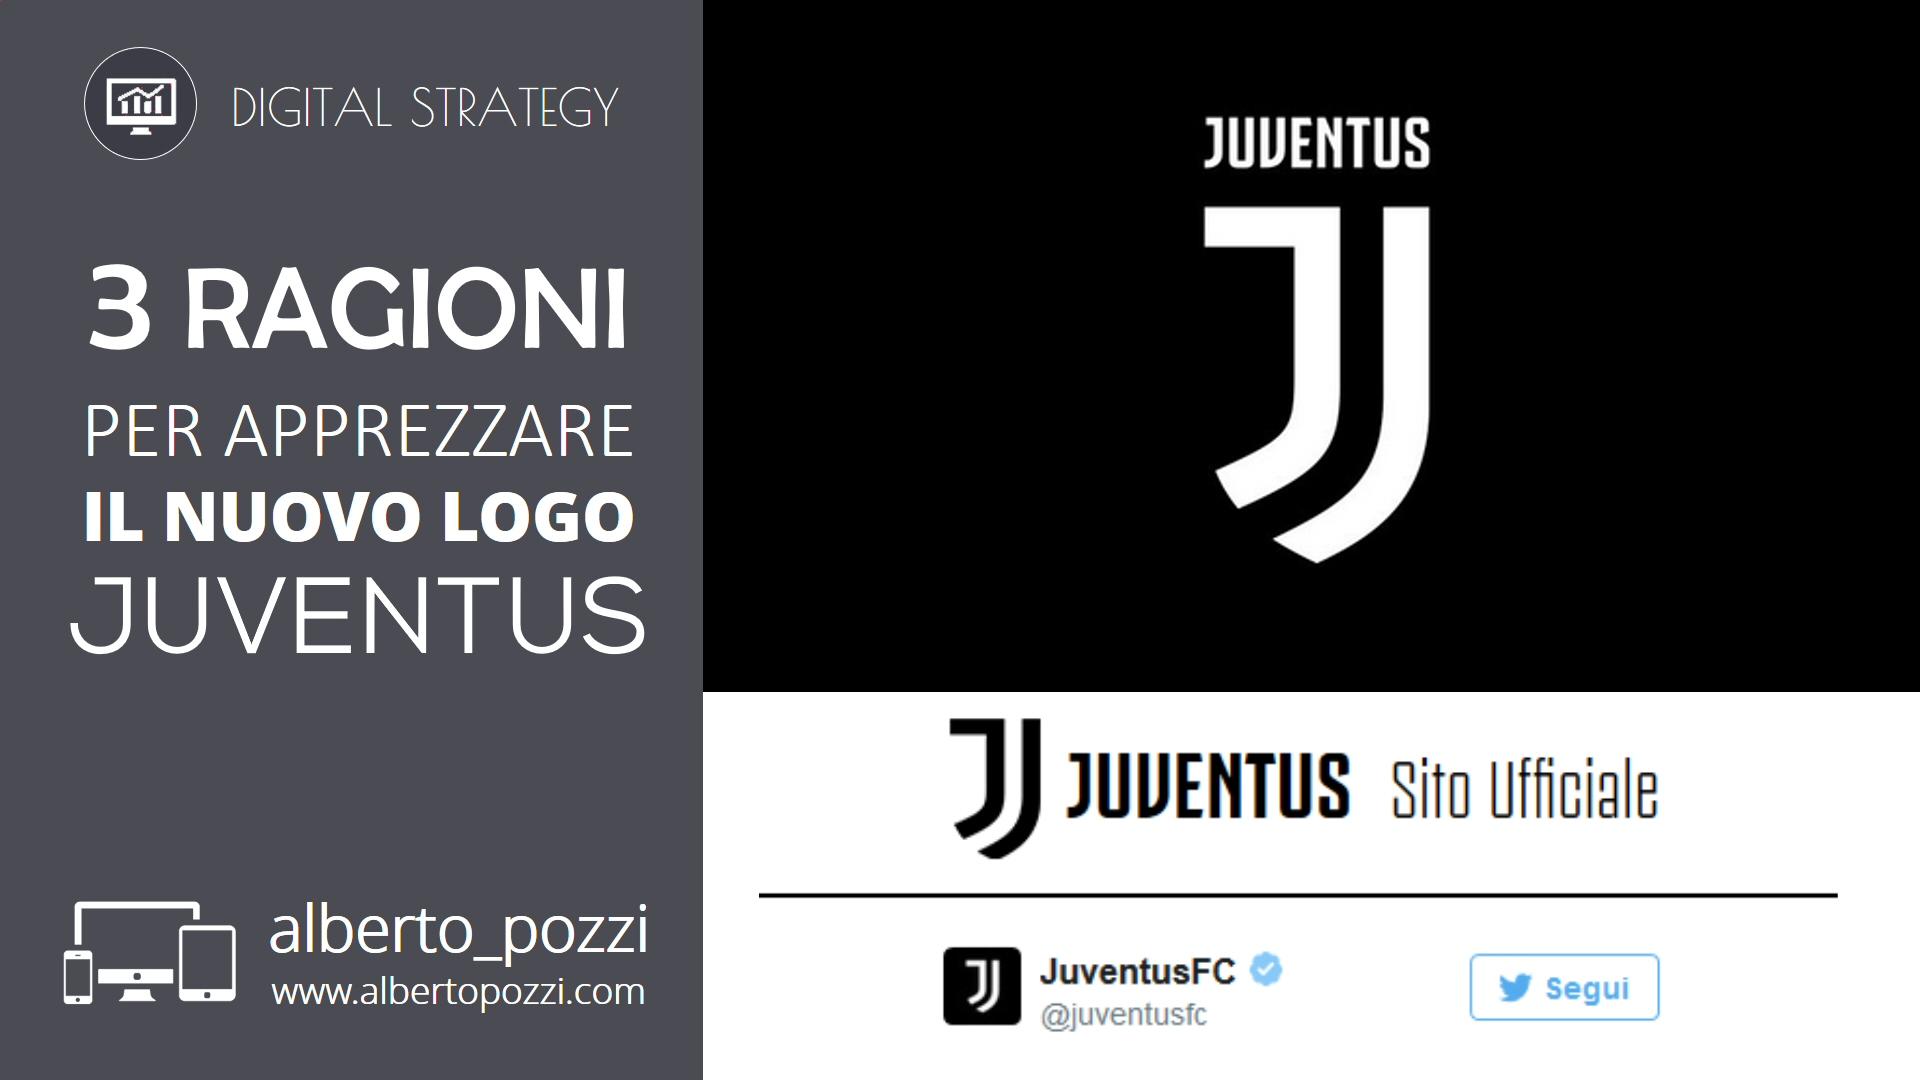 3 ragioni per apprezzare il nuovo logo Juventus